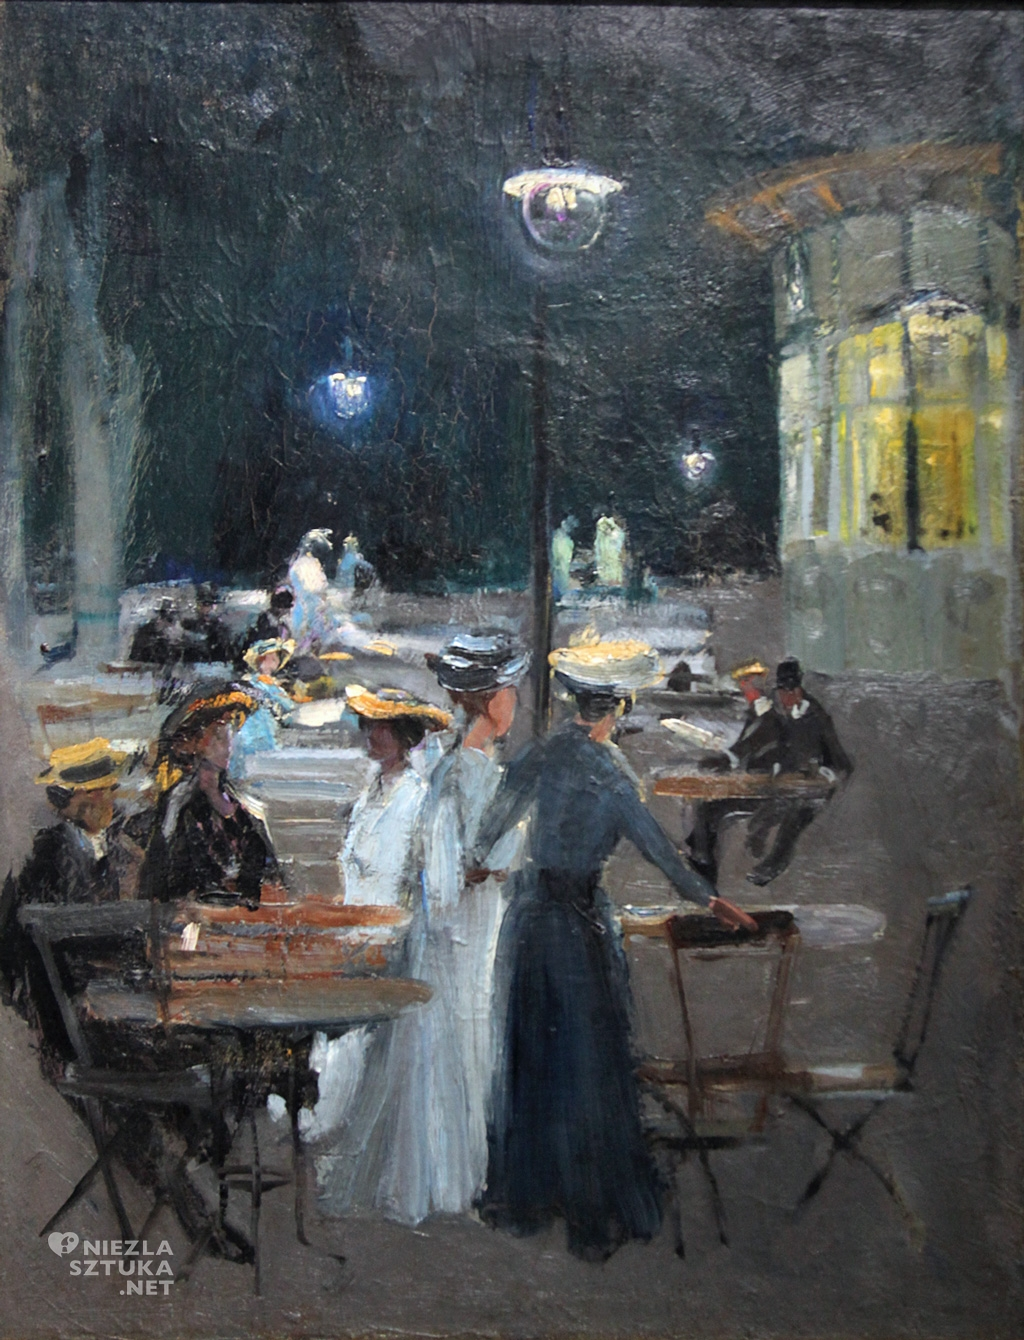 Ludwik de Laveaux, Kawiarnia paryska w nocy, malarstwo polskie, polska sztuka, Niezła Sztuka